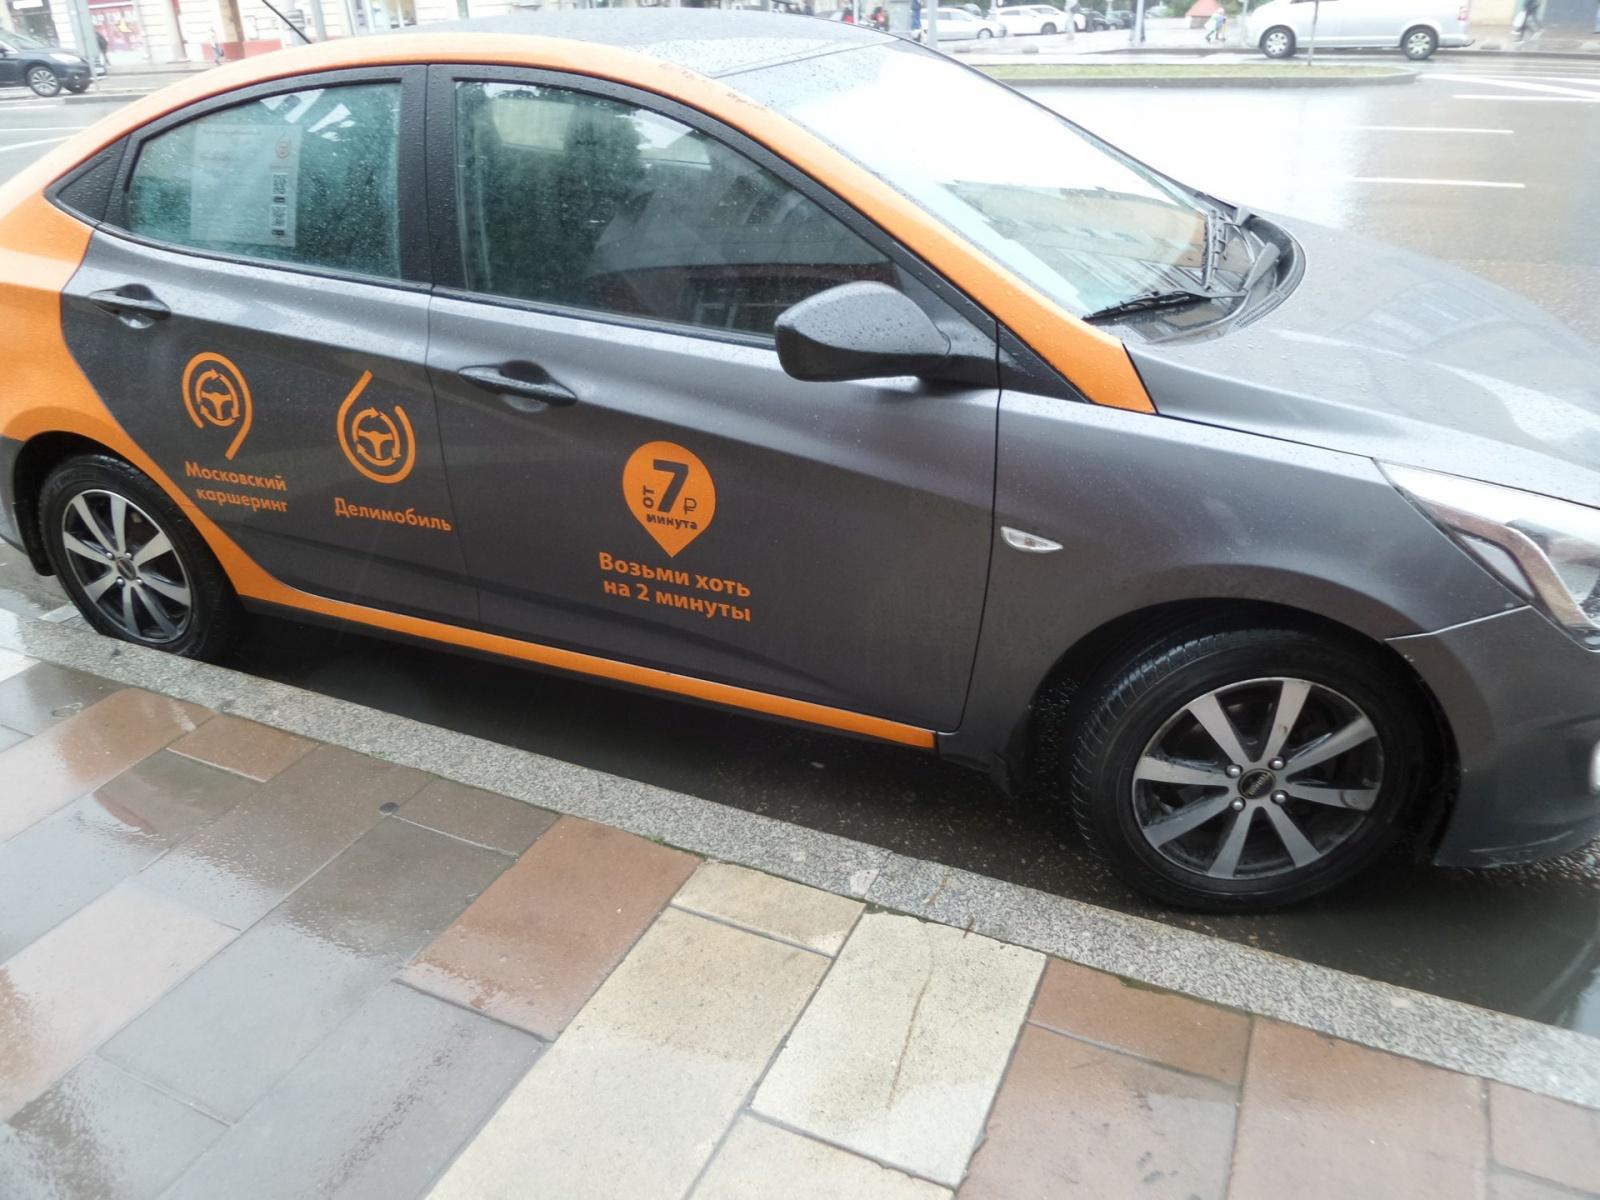 Без машины на машине: сравнительный обзор услуг каршеринга в Москве - сентябрь 2017 - 8